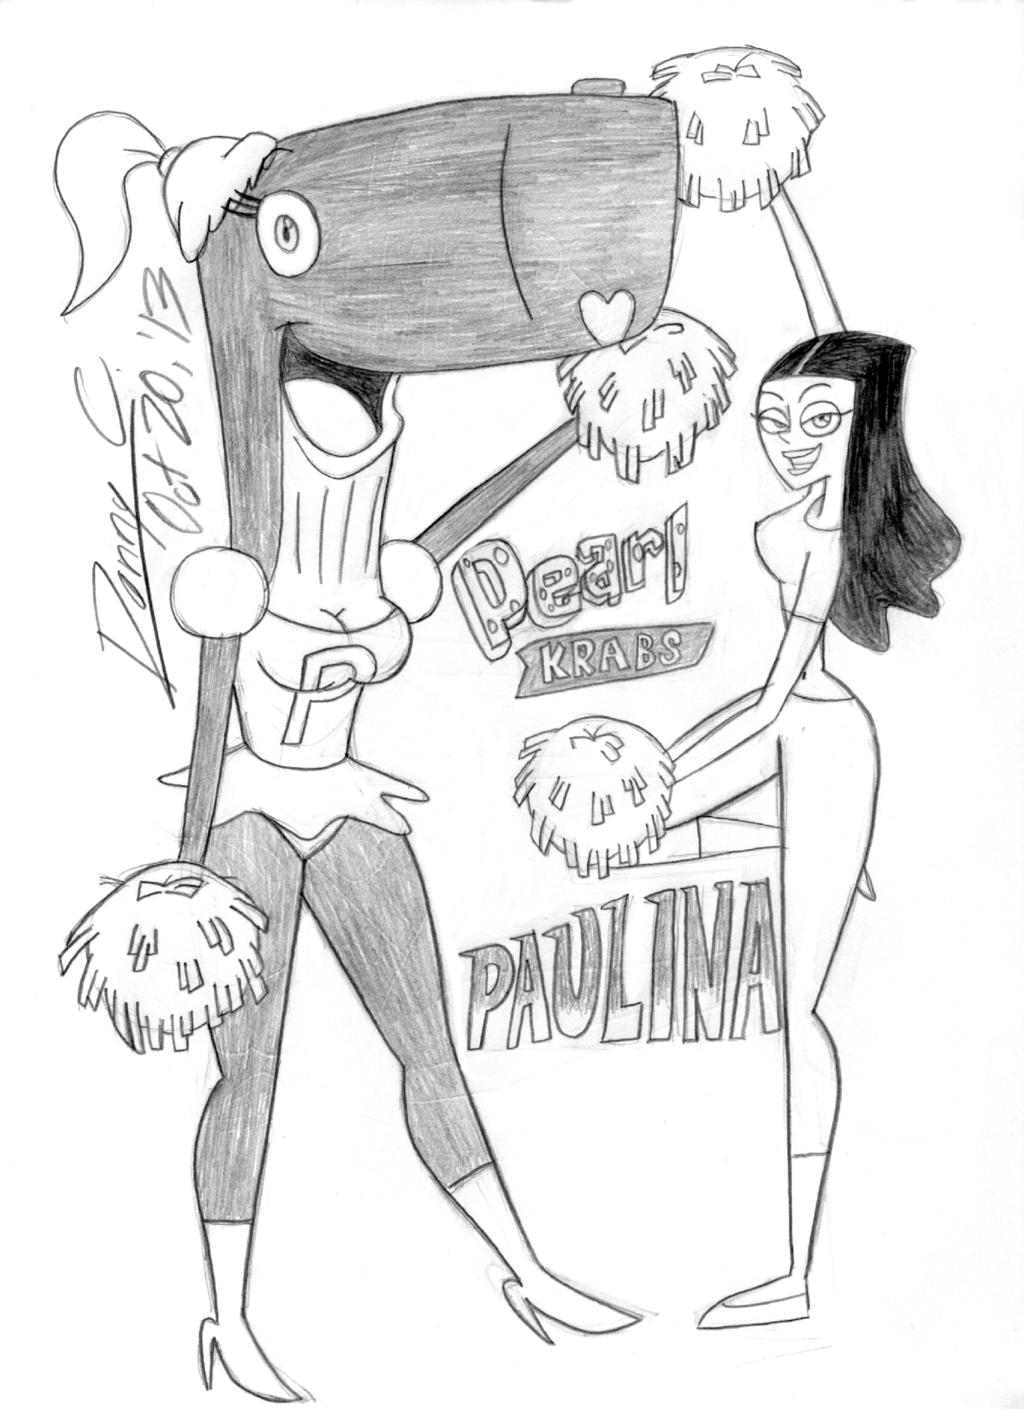 MISS NICKELODEON Round 1-12: Pearl vs. Paulina